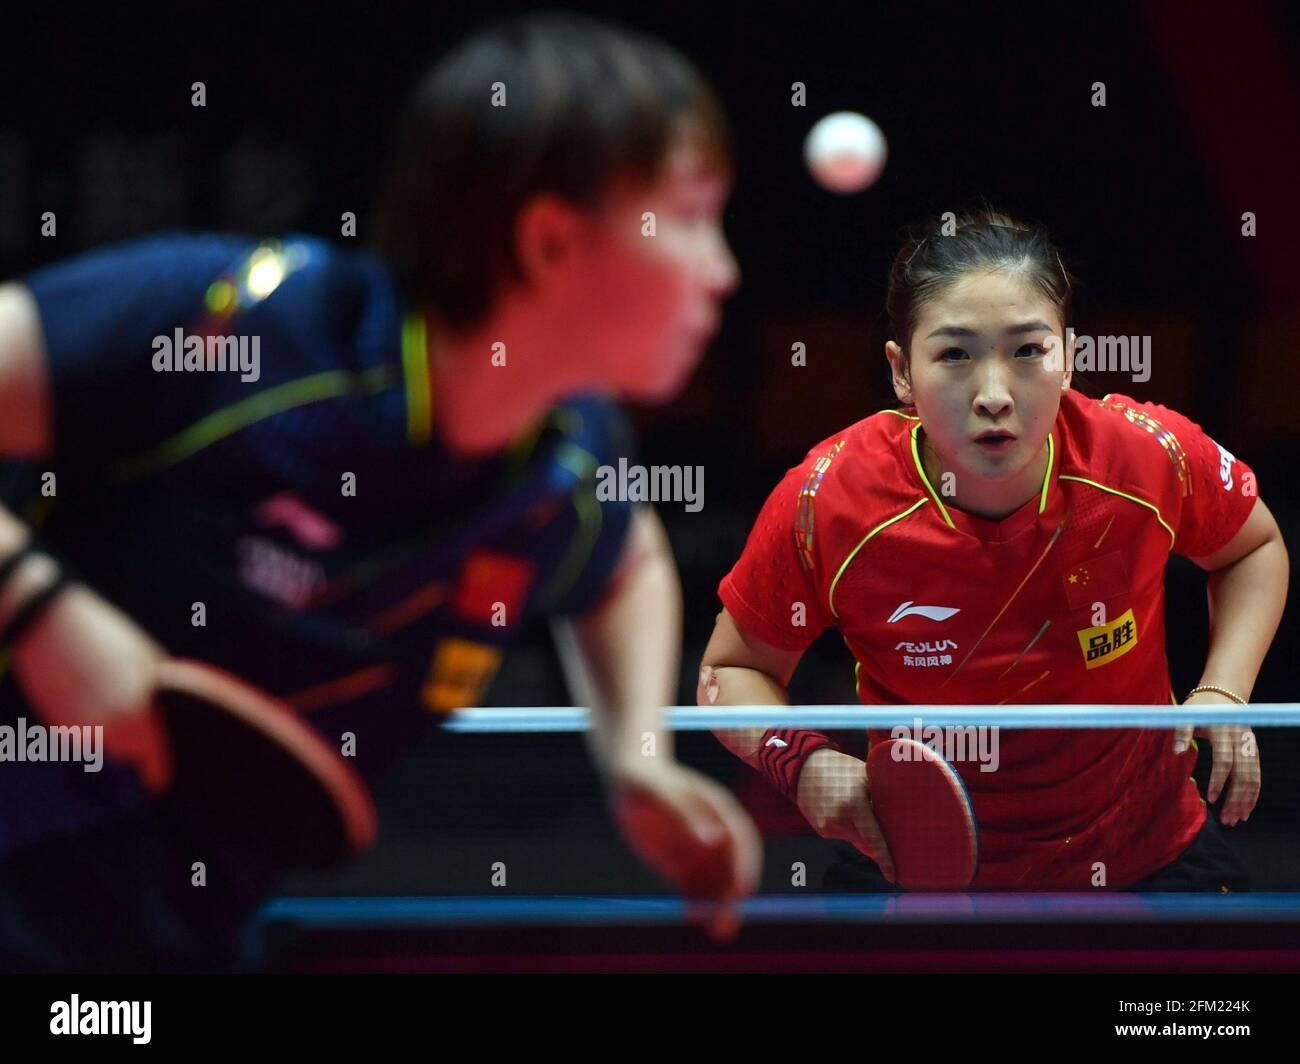 Xinxiang, province chinoise du Henan. 5 mai 2021. Liu Shiwen (R) réagit lors de la quart de finale des femmes contre Zhu Yuling lors des essais de Grand smashes de WTT (World Table tennis) 2021 et de la simulation olympique à Xinxiang, dans la province de Henan, dans le centre de la Chine, le 5 mai 2021. Credit: Li Jianan/Xinhua/Alamy Live News Banque D'Images